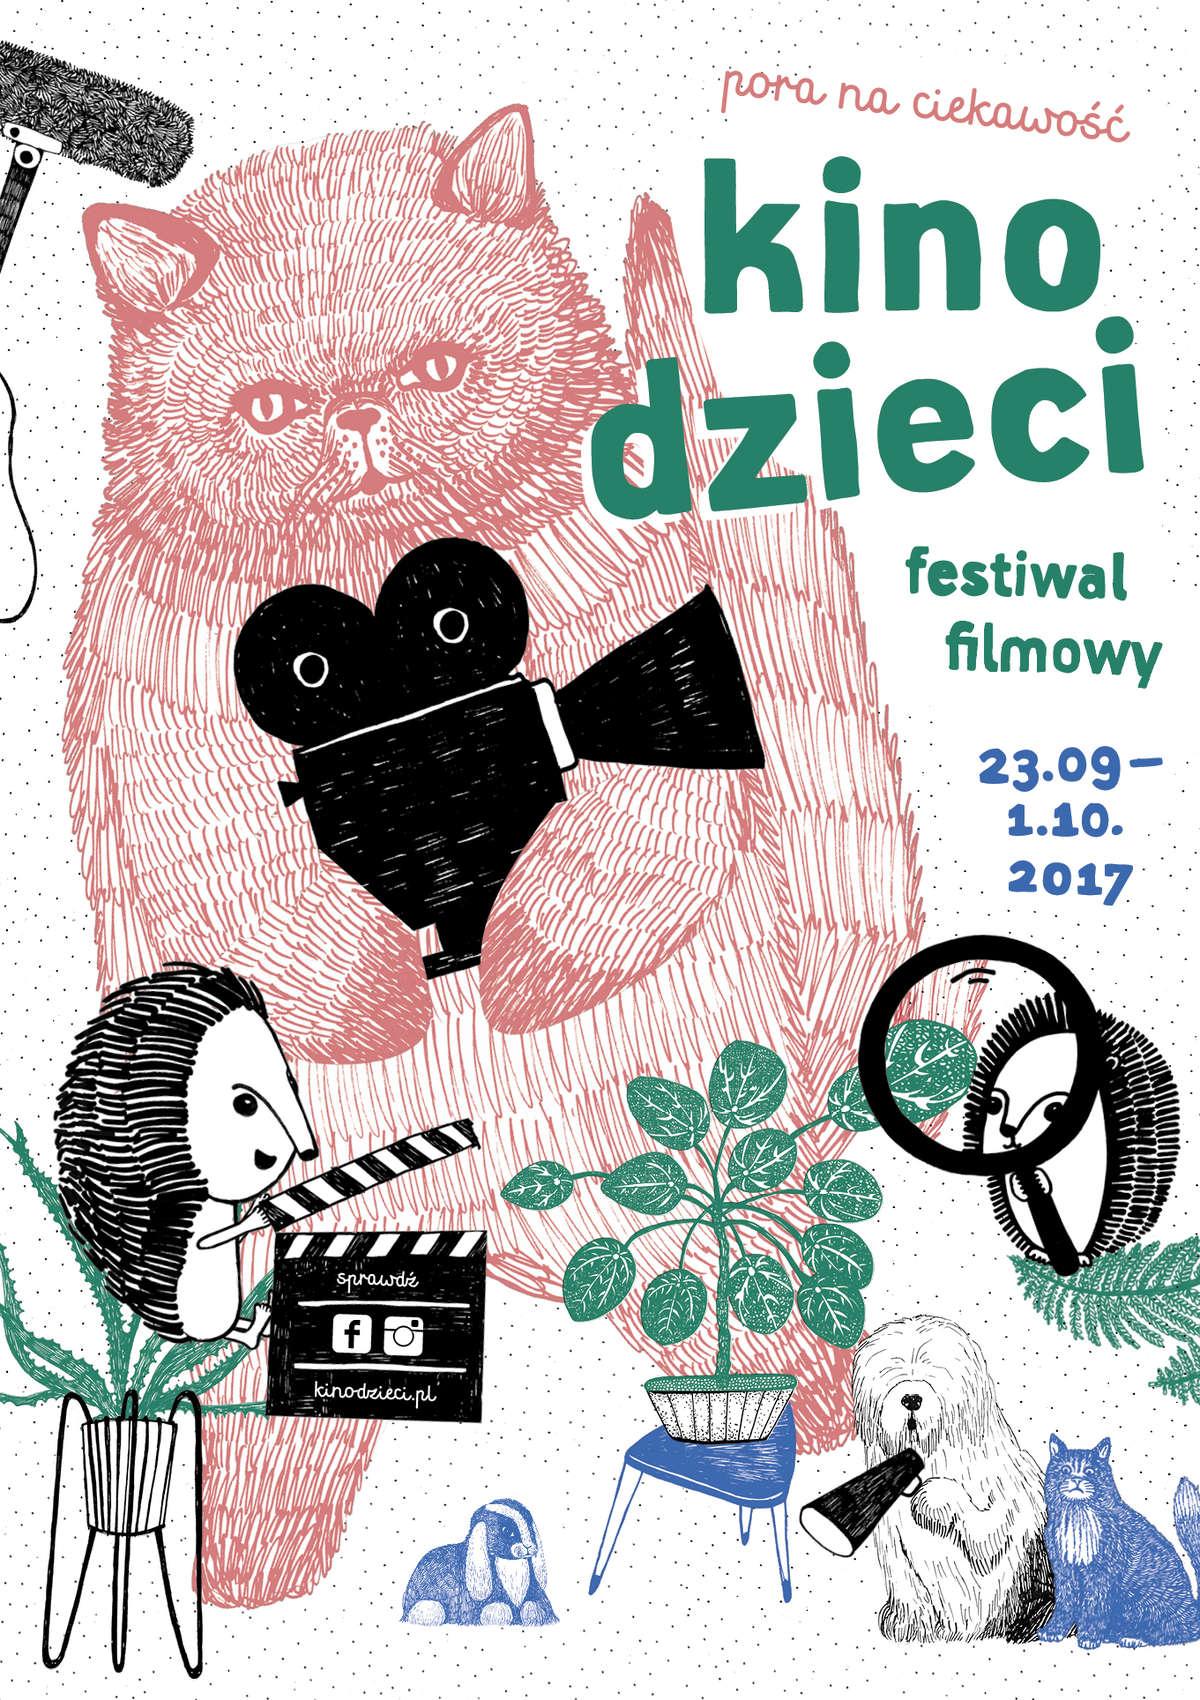 Zostań jurorem! Awangarda zaprasza na festiwal Kino Dzieci w Olsztynie - full image